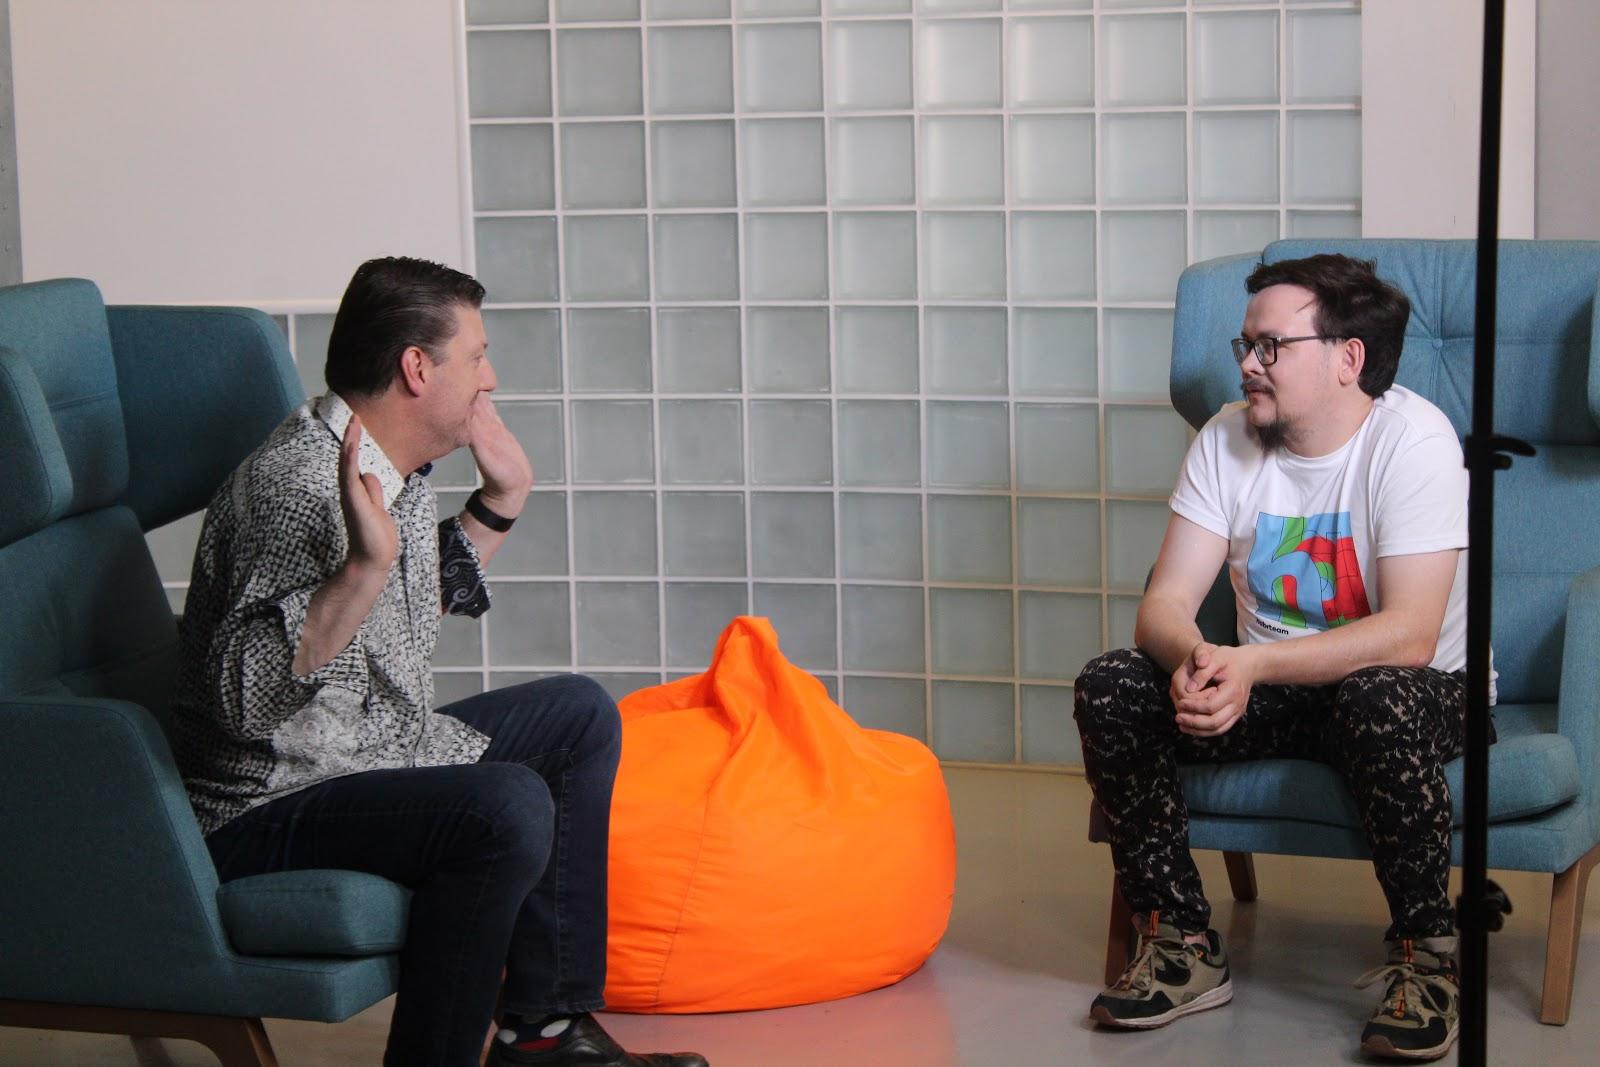 Тот, кто воскресил Duke Nukem: интервью с Рэнди Питчфордом, волшебником из Gearbox - 1